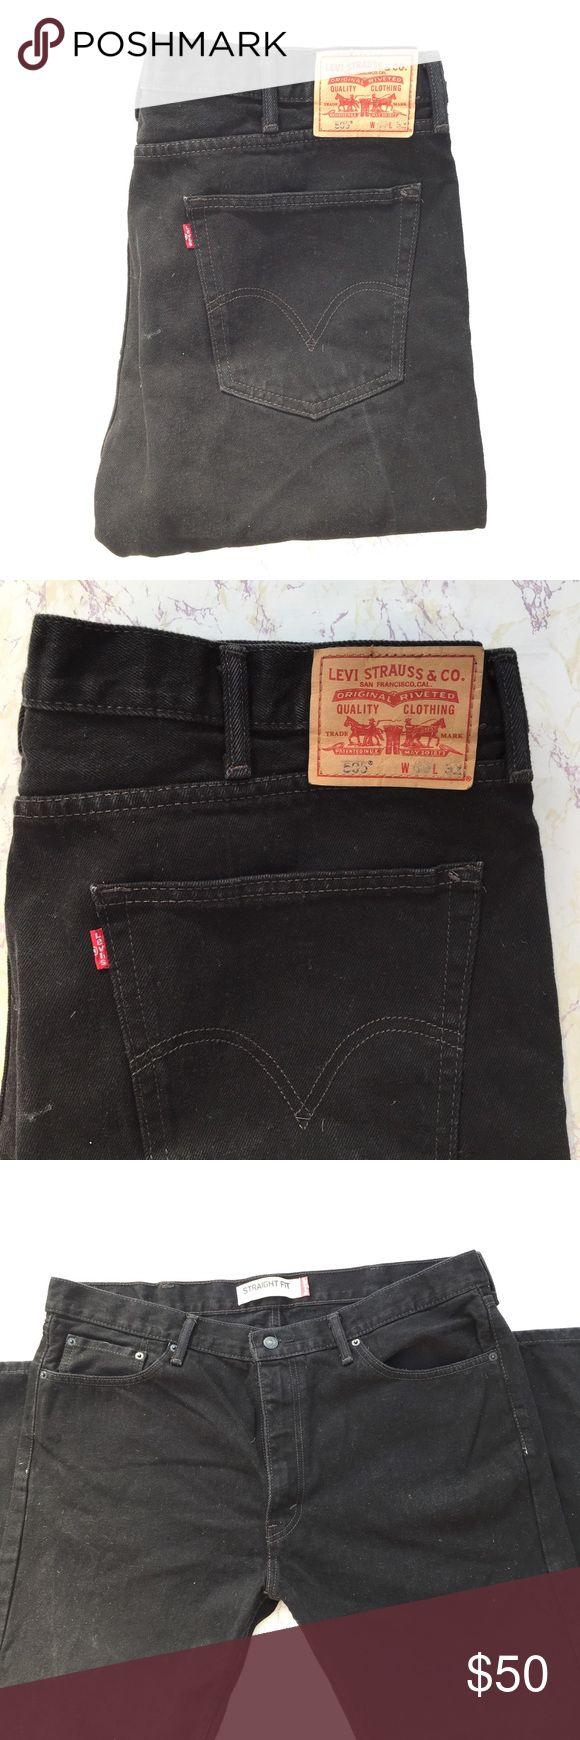 Men's Black 505 Levi's Jeans Cool men's black Levi's 505 straight fit leg jeans in excellent condition! Size 40/32 Levi's Jeans Straight